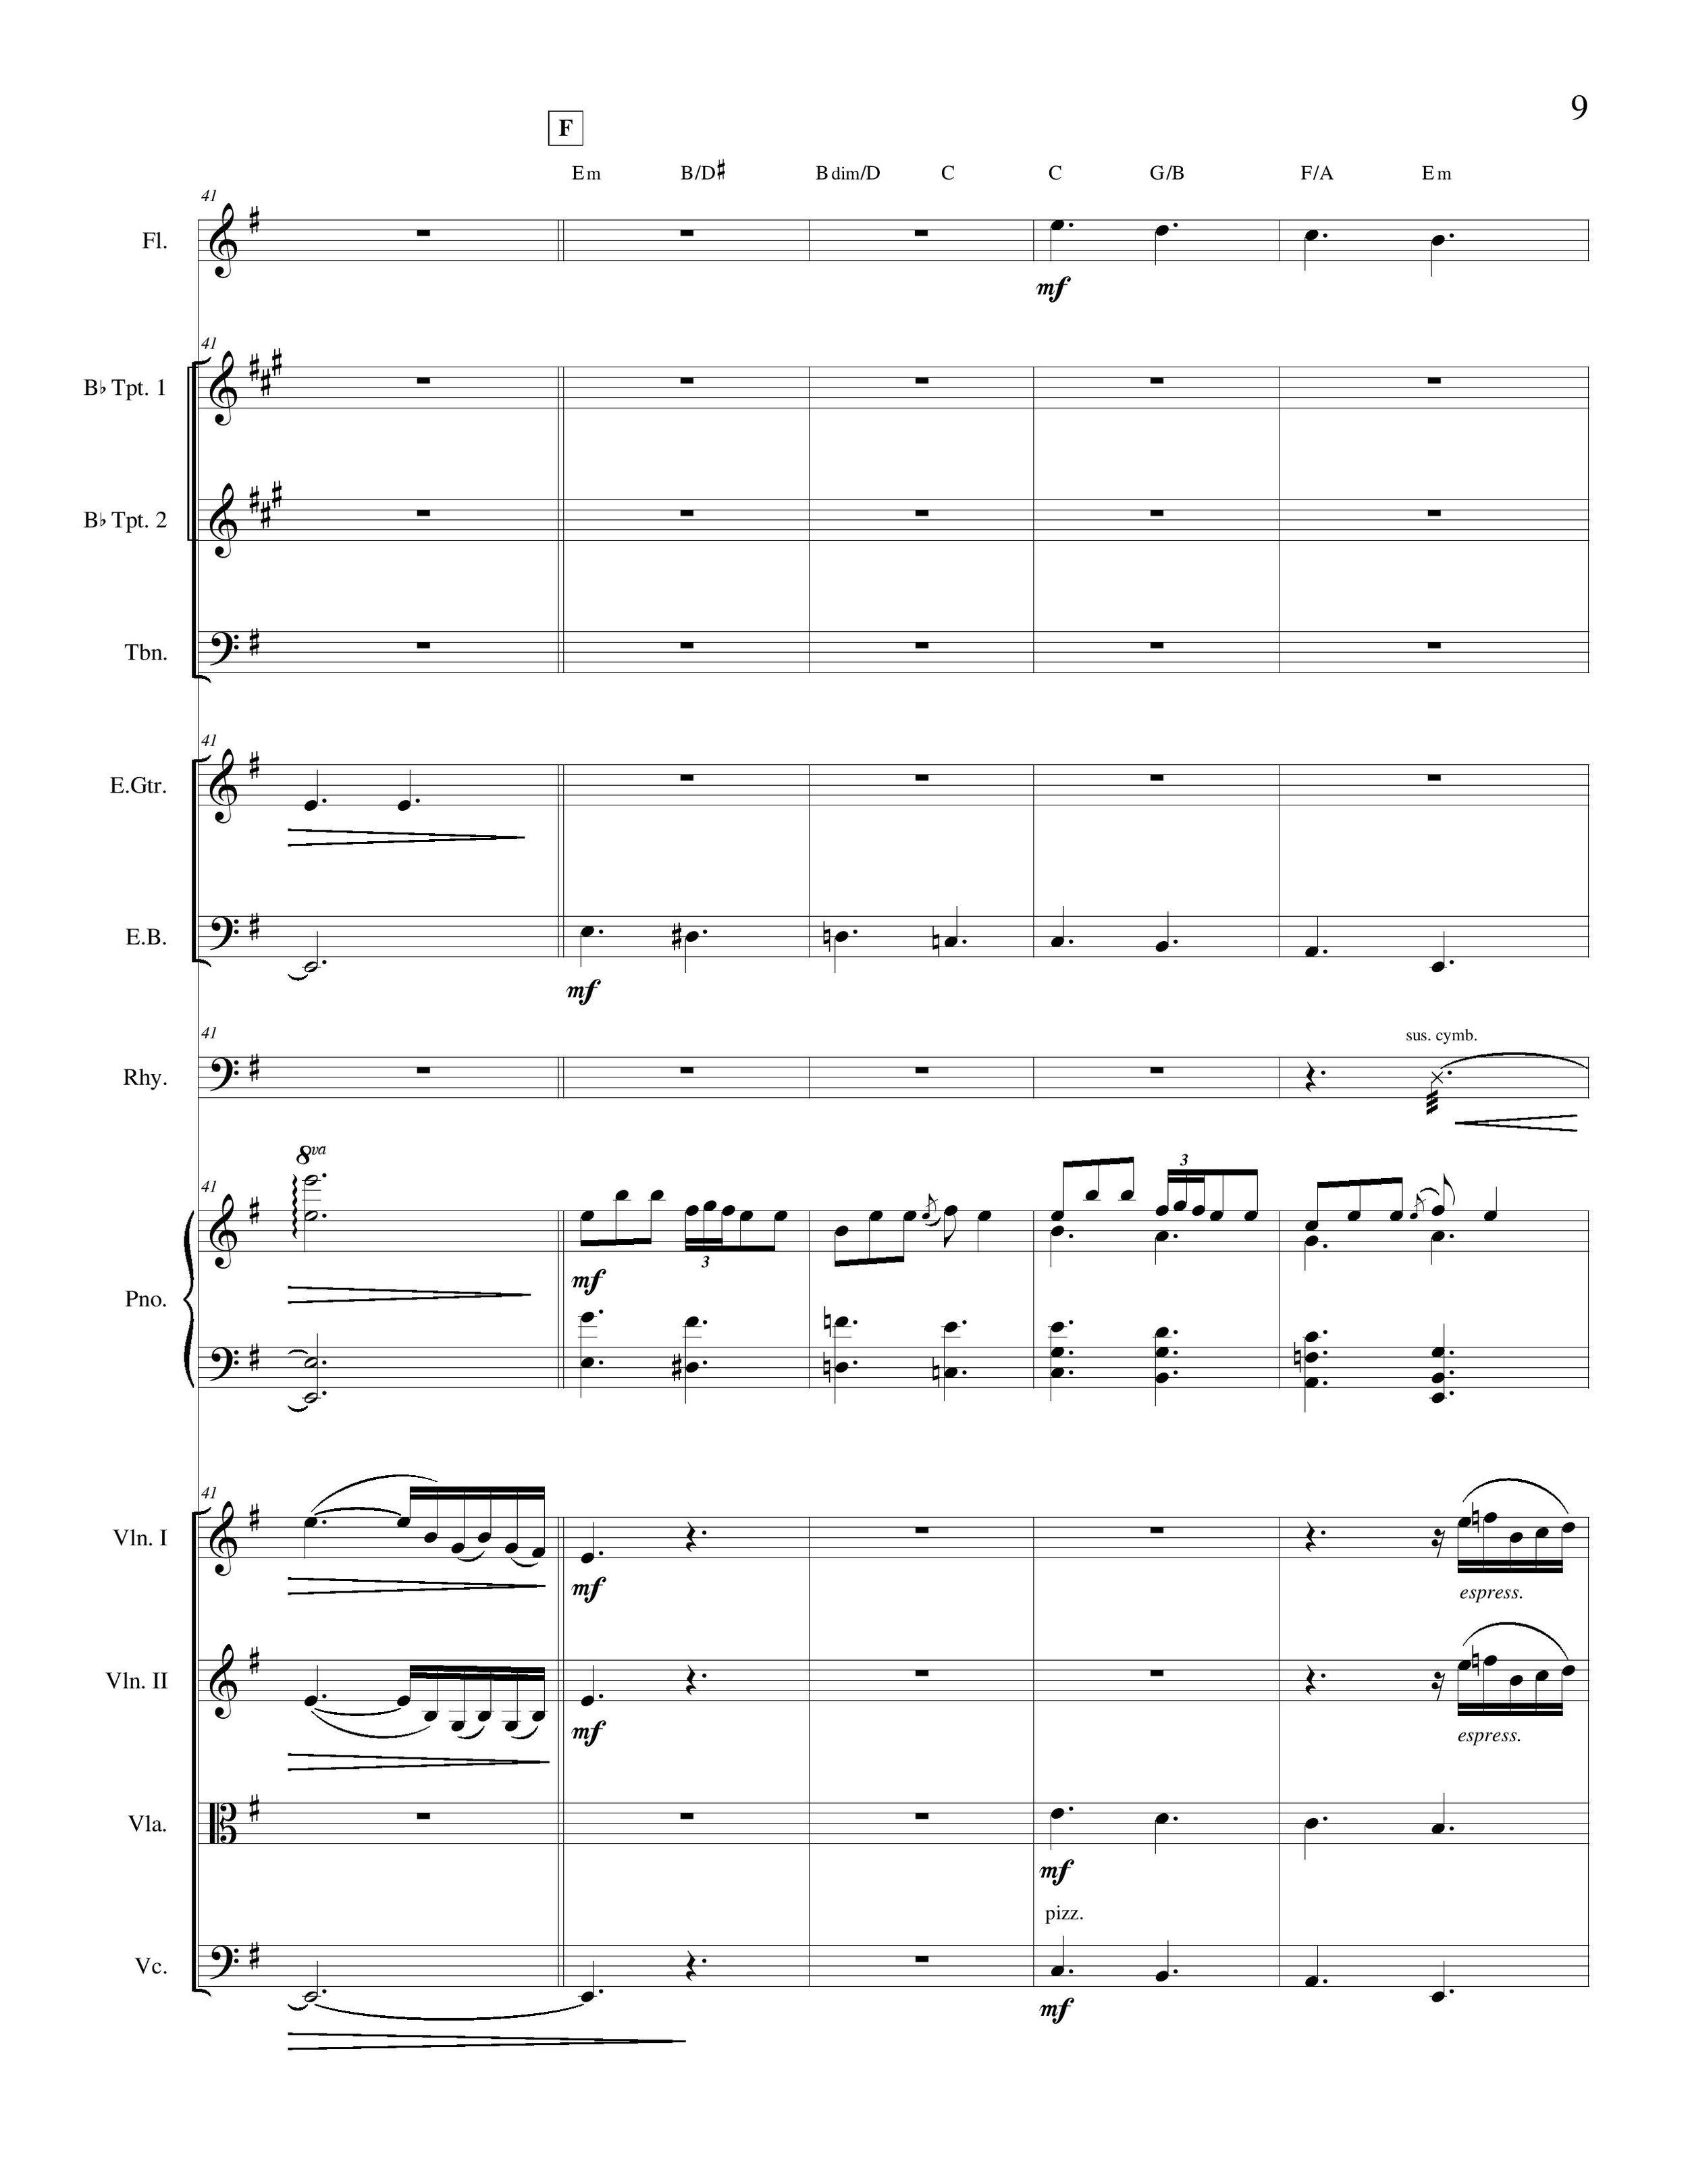 Christmas Overture - Score_09.jpg